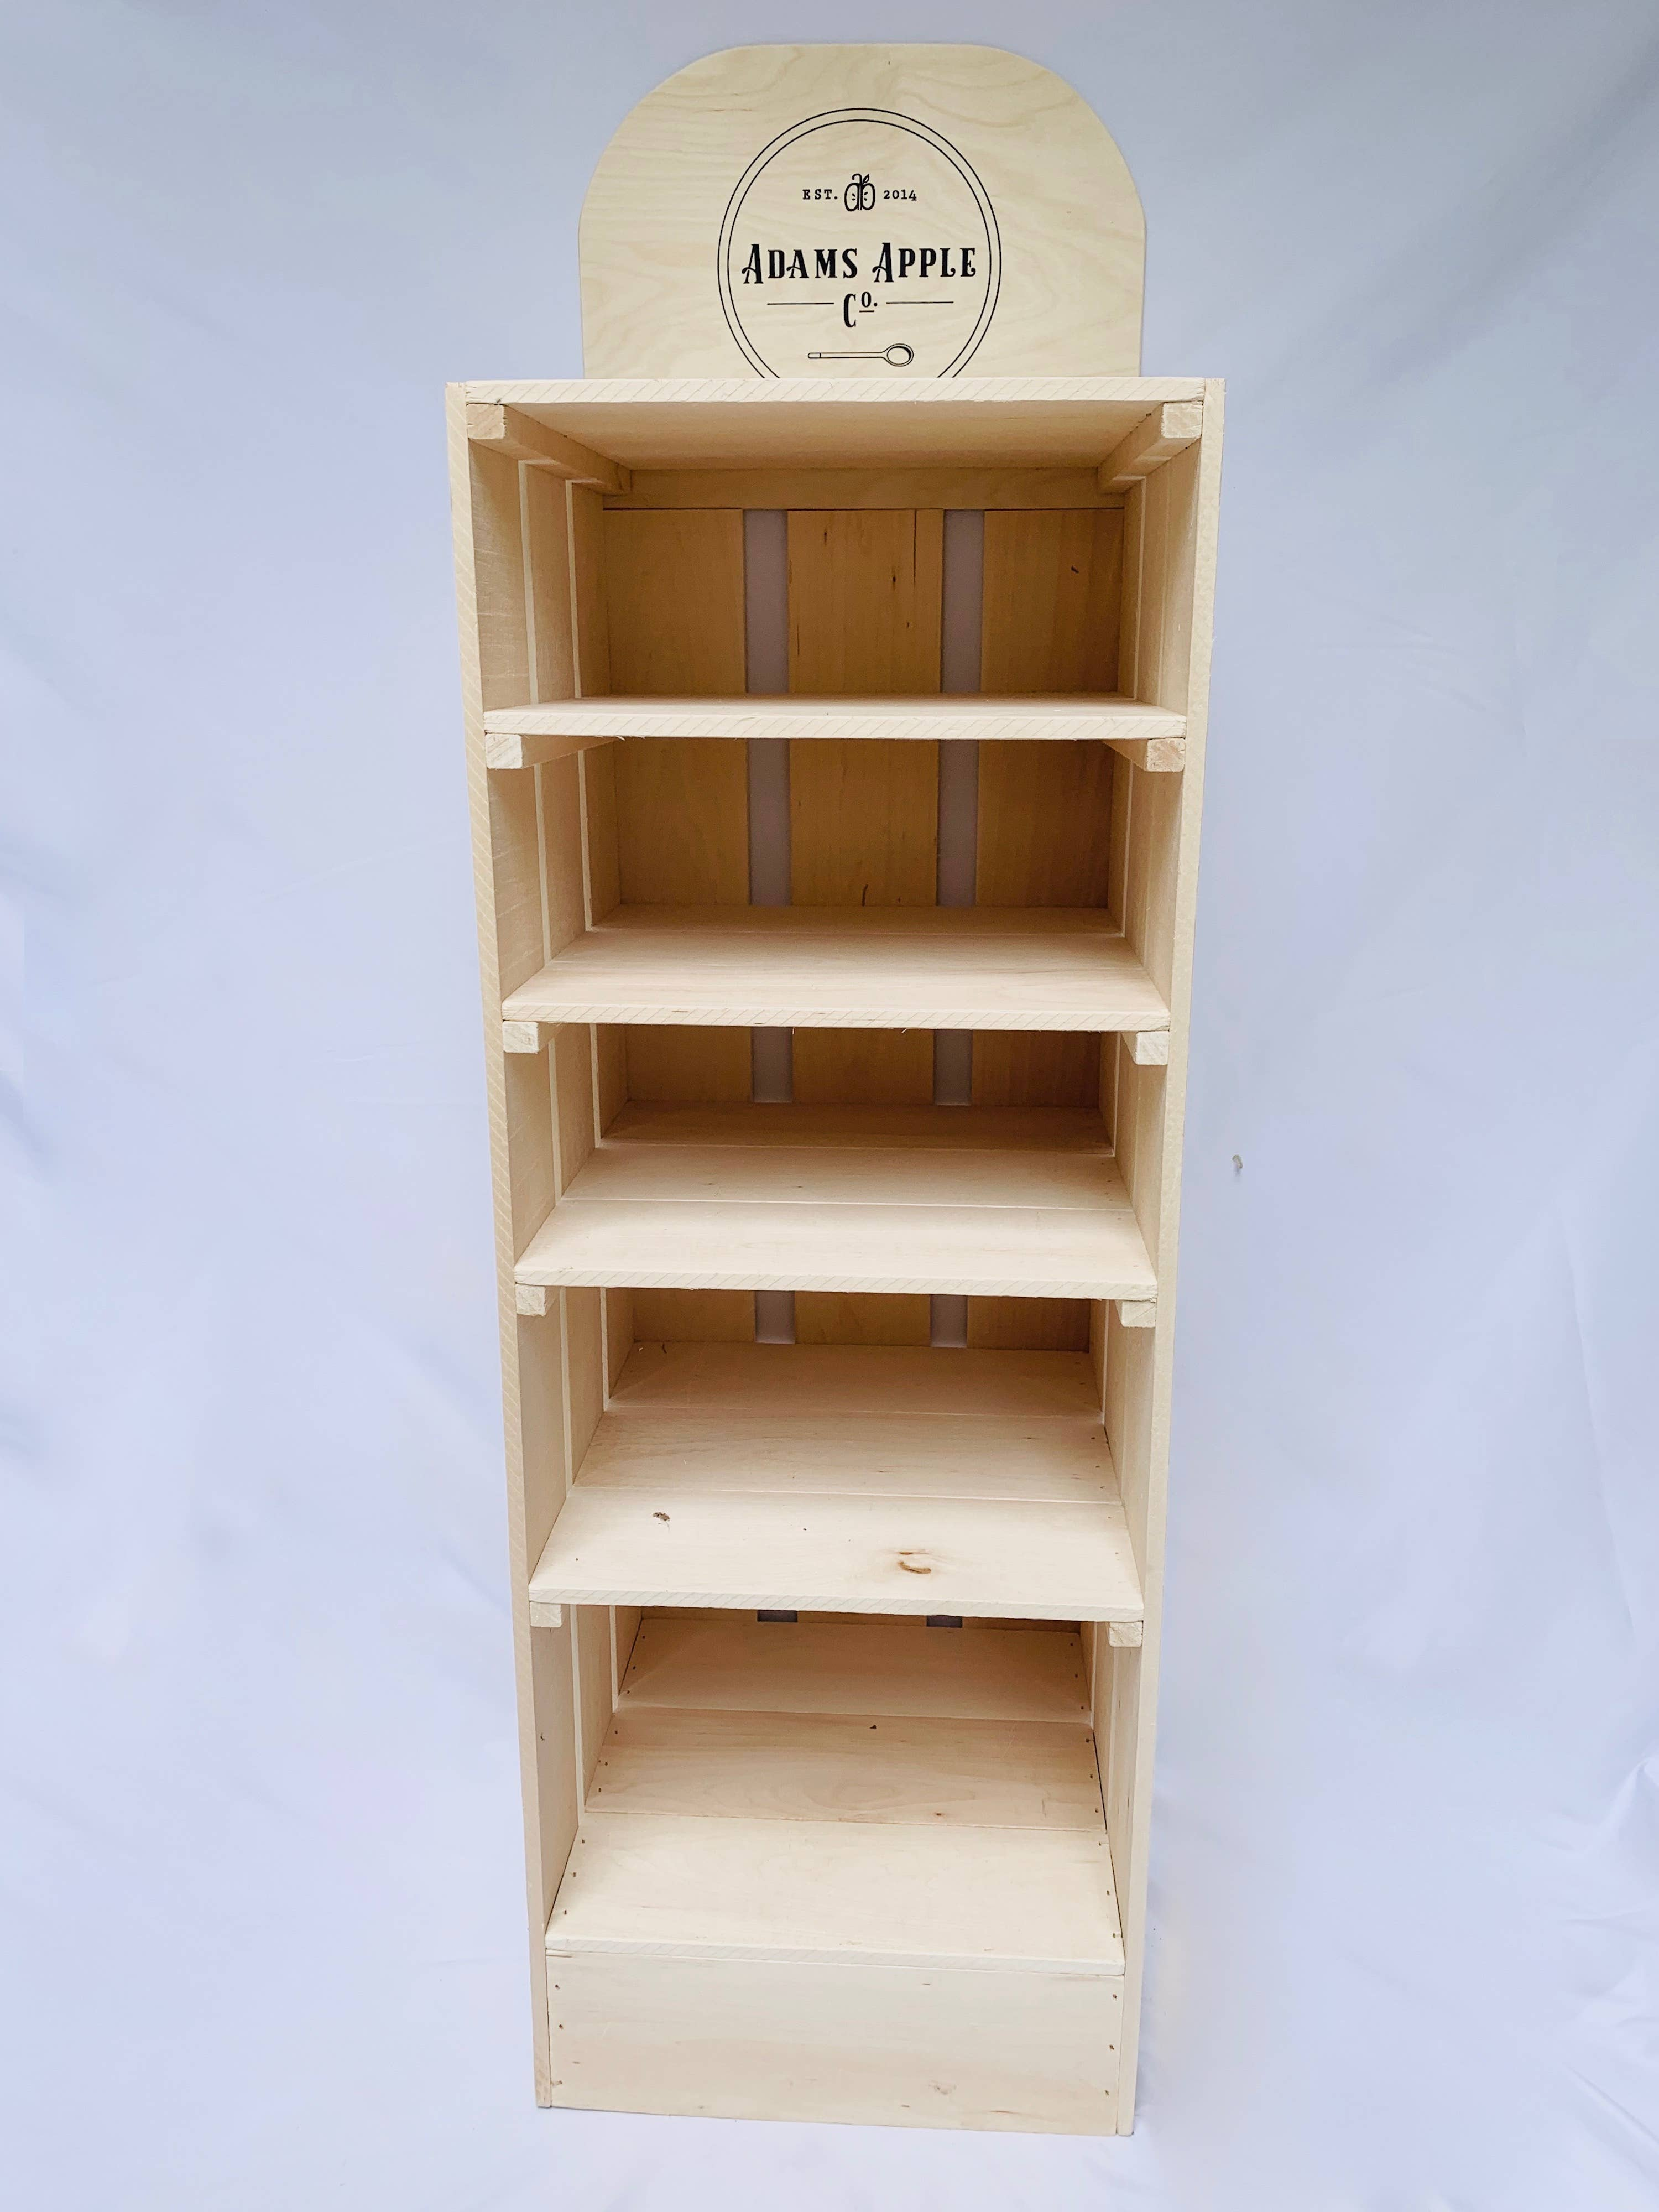 Adams Apple Co. Solid Wood Display | Trada Marketplace